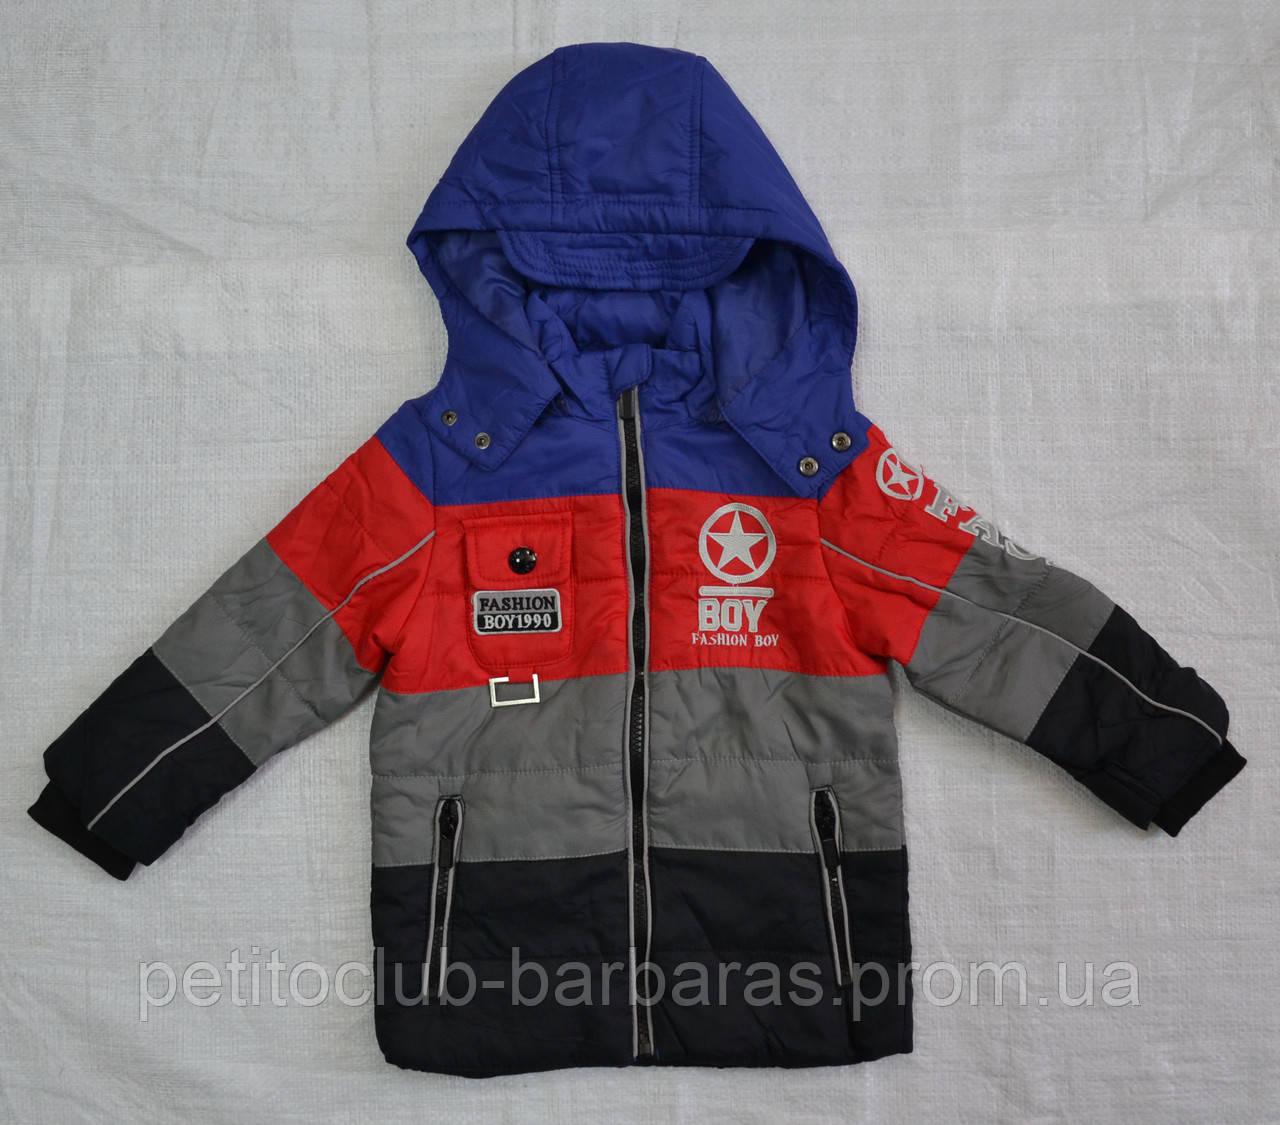 Детская демисезонная куртка для мальчика Fashion Boys (Grace, Венгрия)